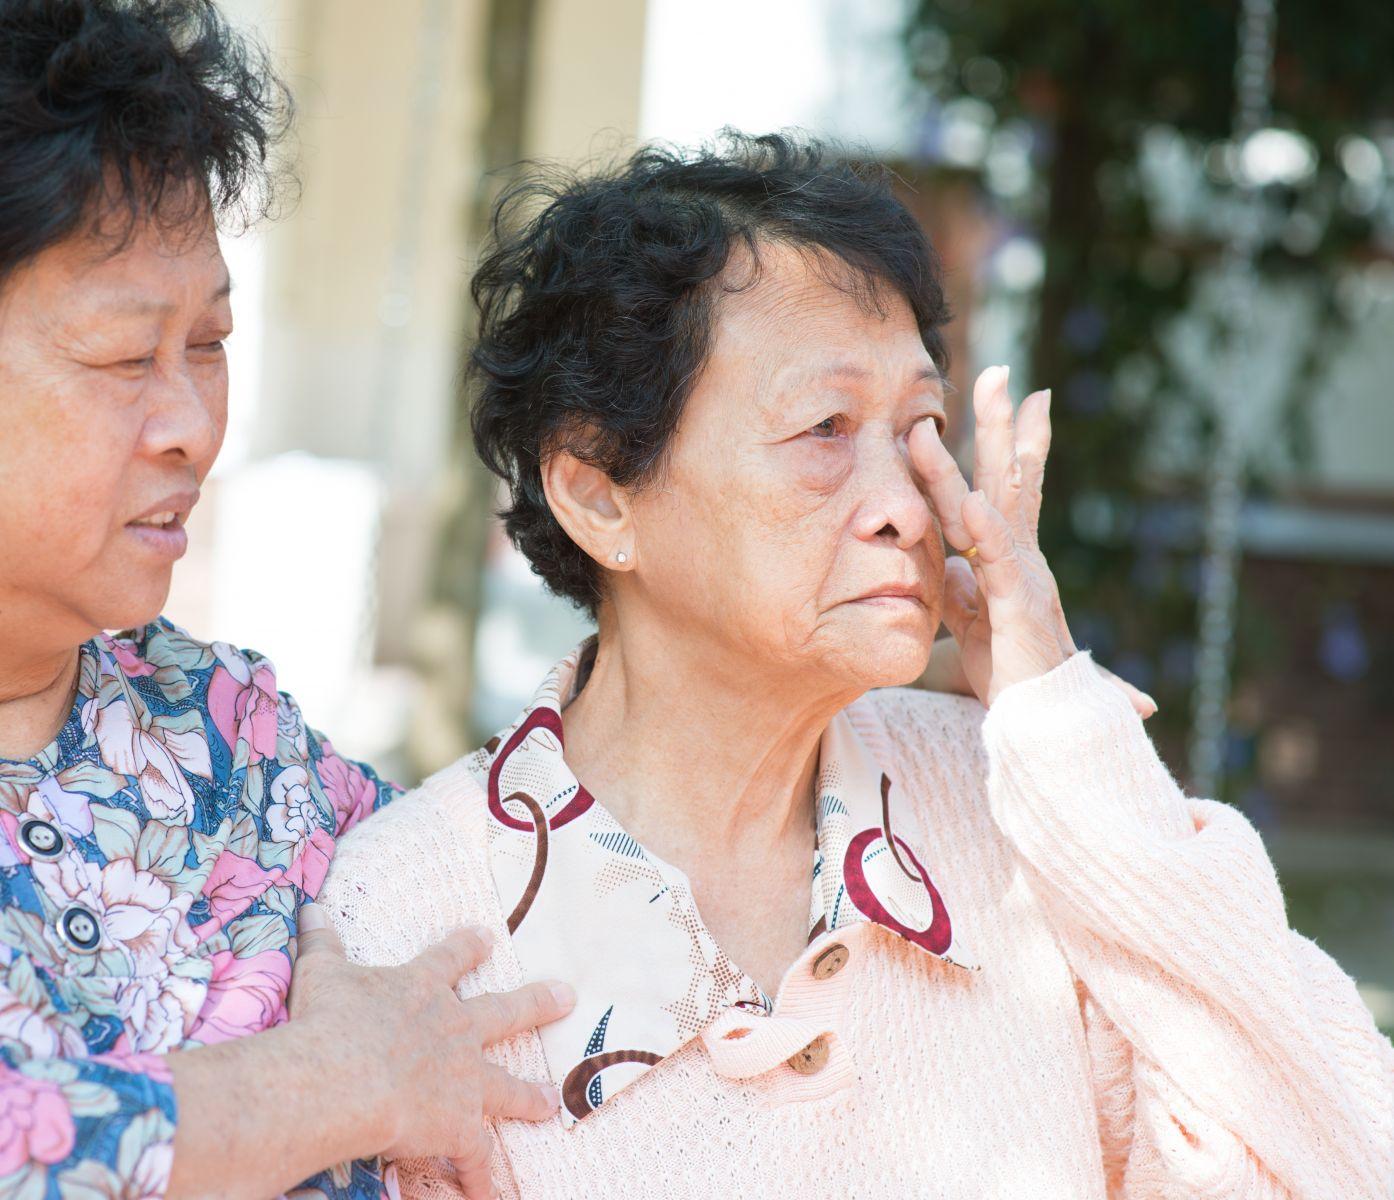 那天,我打了失智母親一巴掌!一個50歲孝子的告白:我的孝順已經到了極限